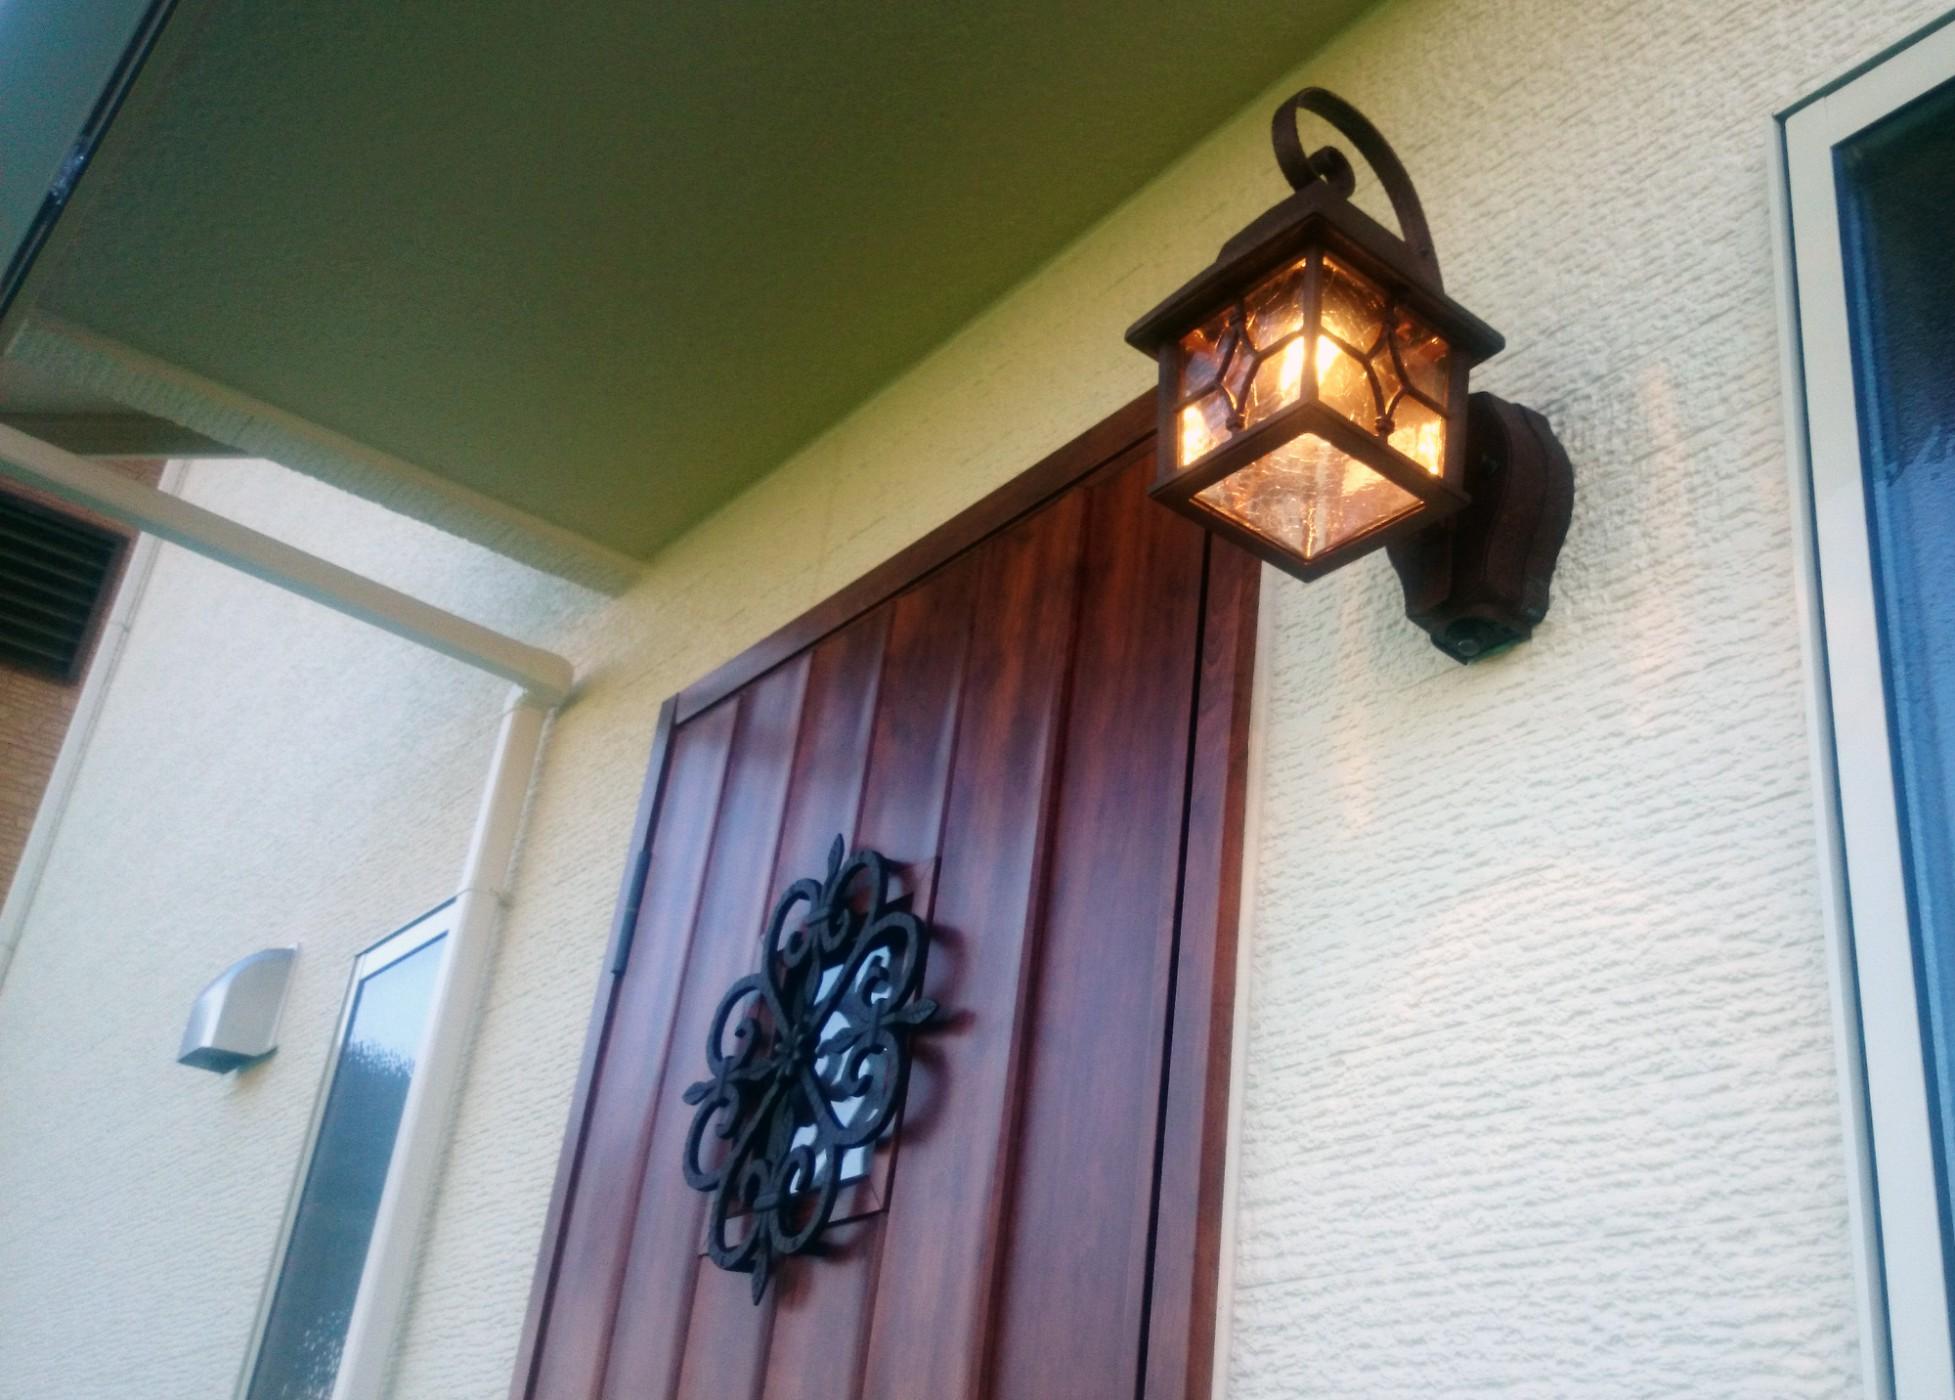 木目調の玄関ドアと洋風な照明が暖かくご家族を迎え入れてくれそうです。